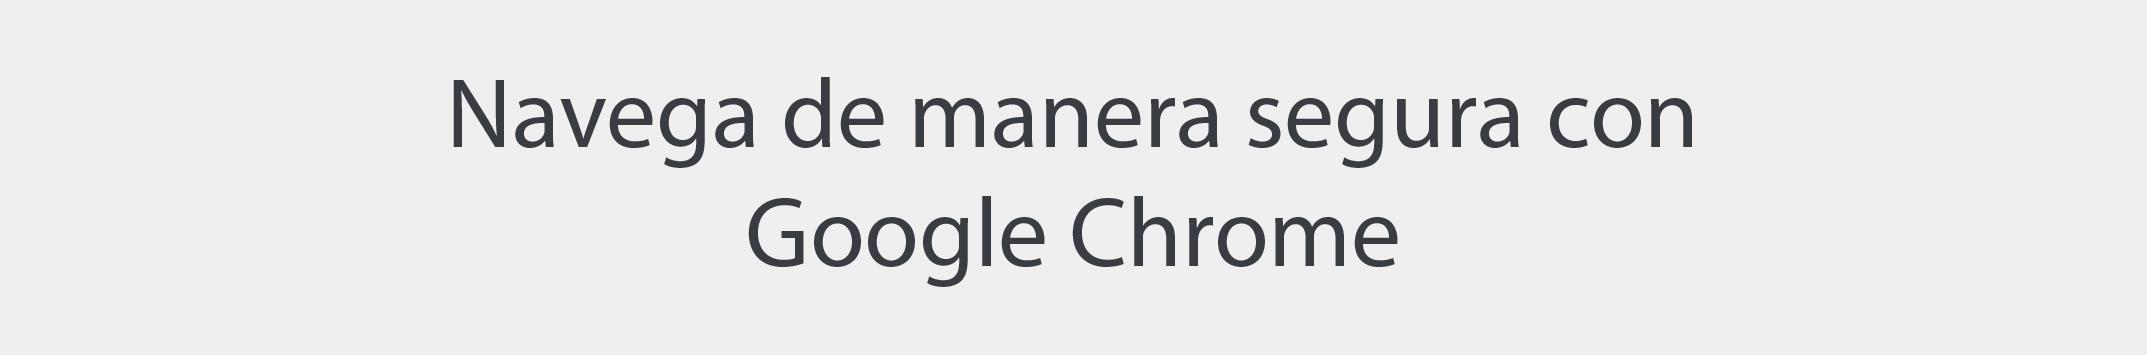 4.Google Chrome